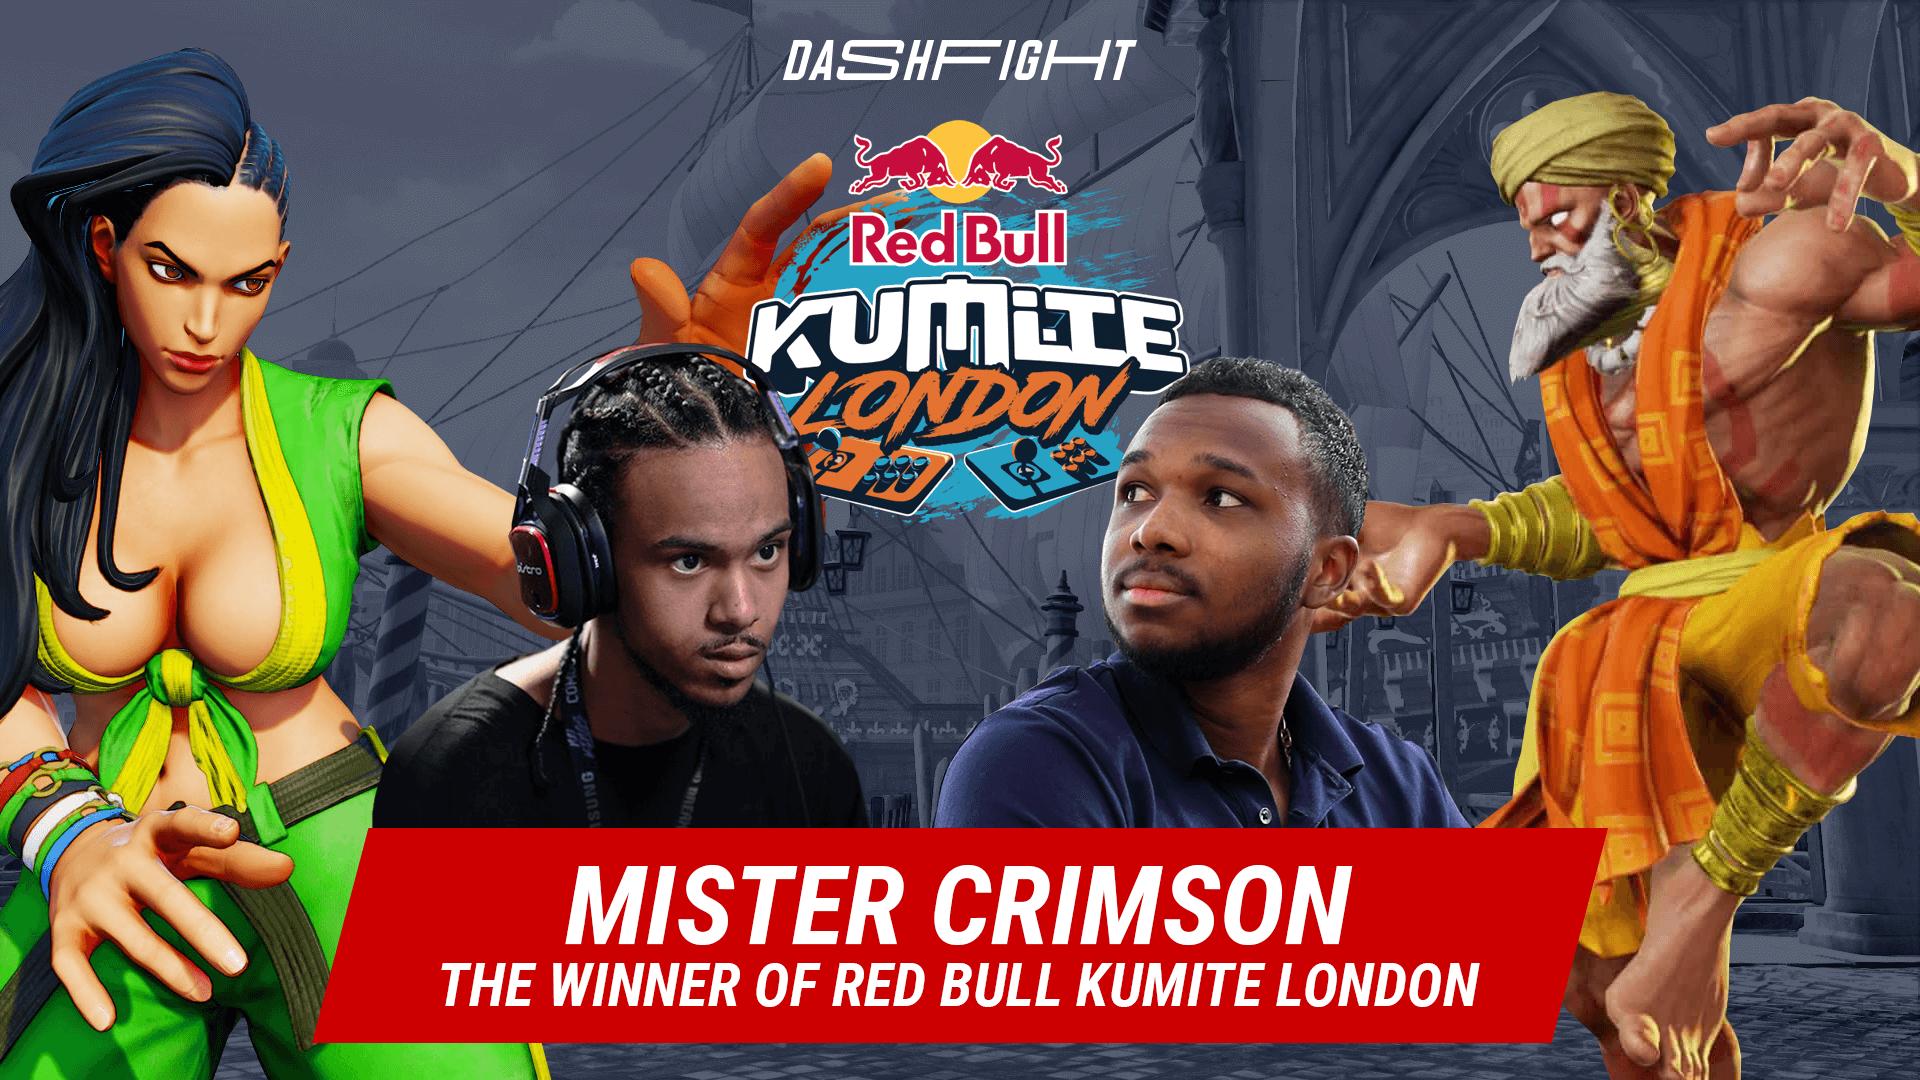 Mister Crimson Wins Red Bull Kumite London